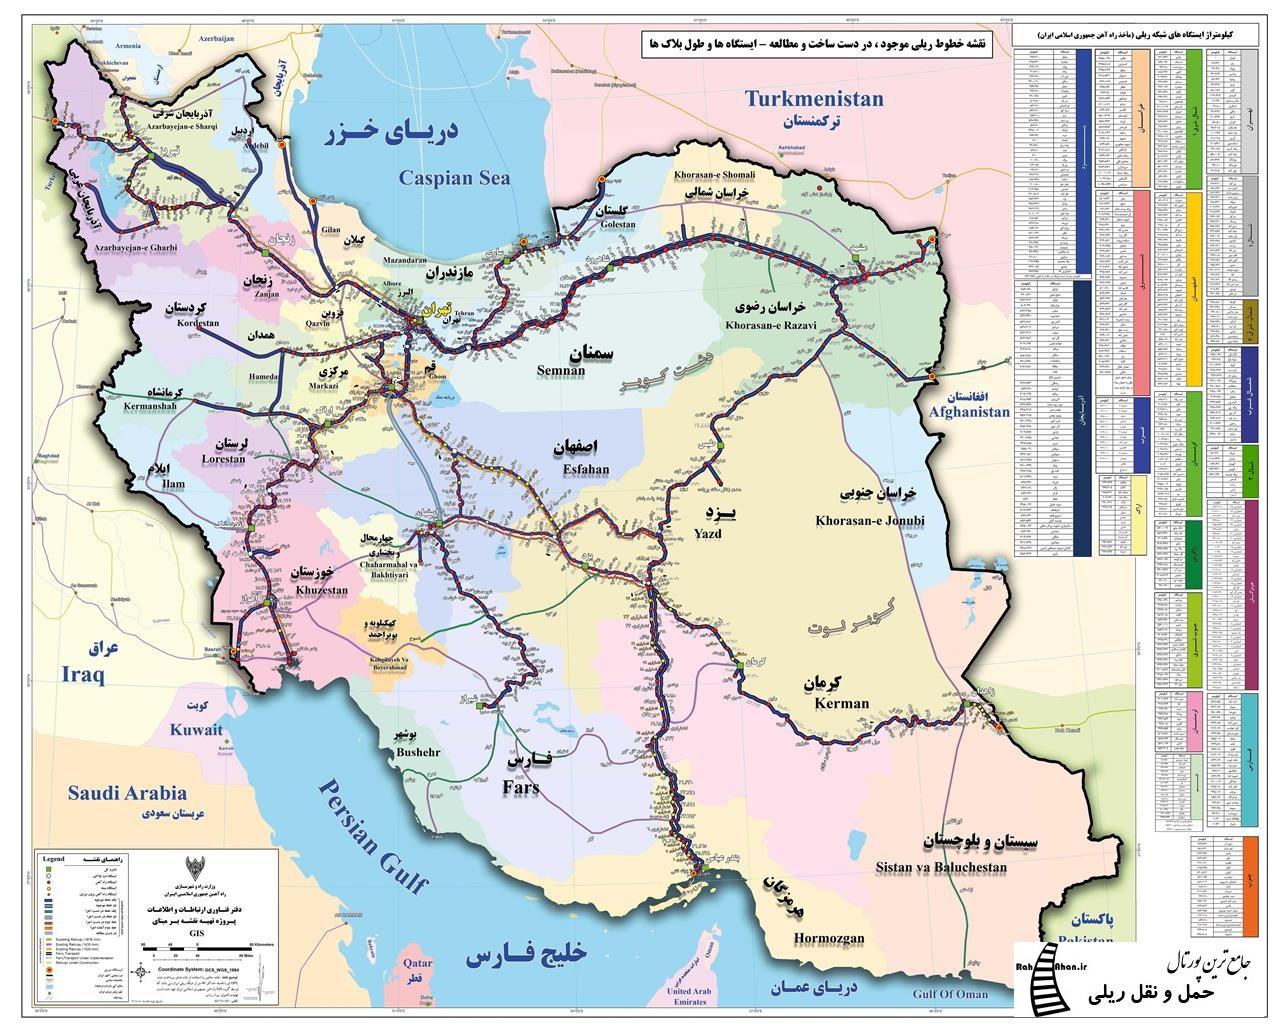 نقشه جامع ریلی کشور حمل و نقل ریلی حمل و نقل ریلی